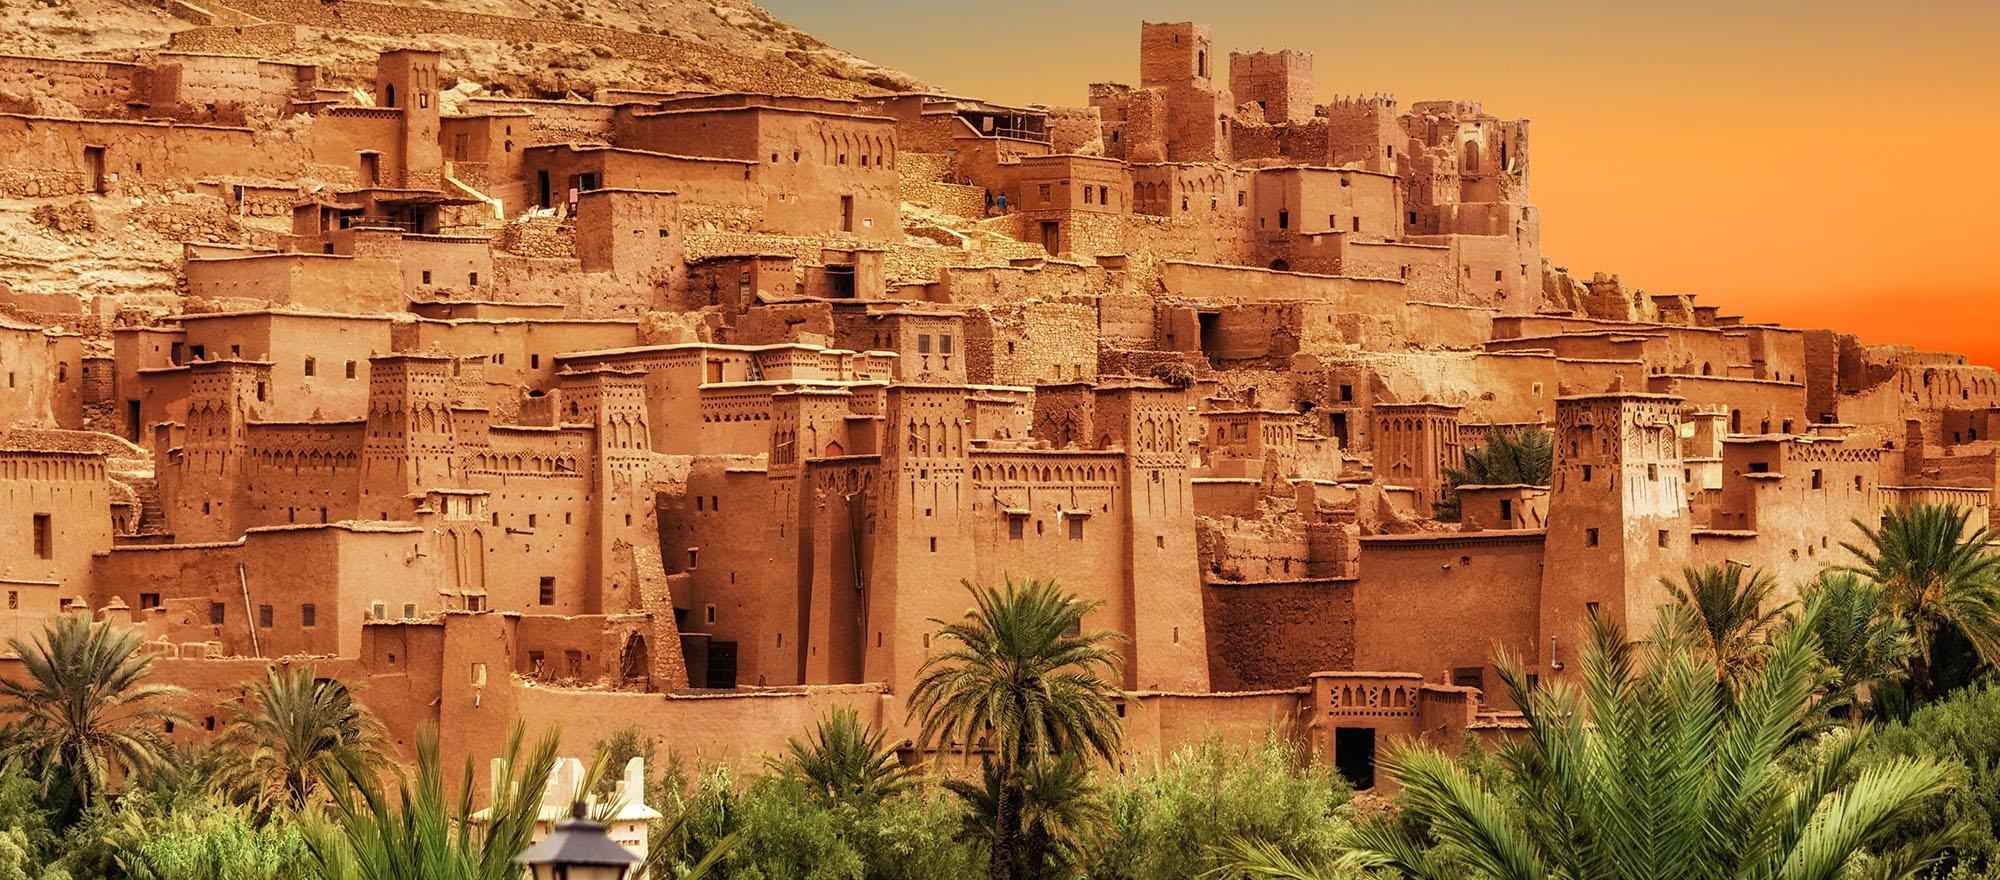 Экскурсия в город Уарзазат + крепость Айт-Бен-Хадду